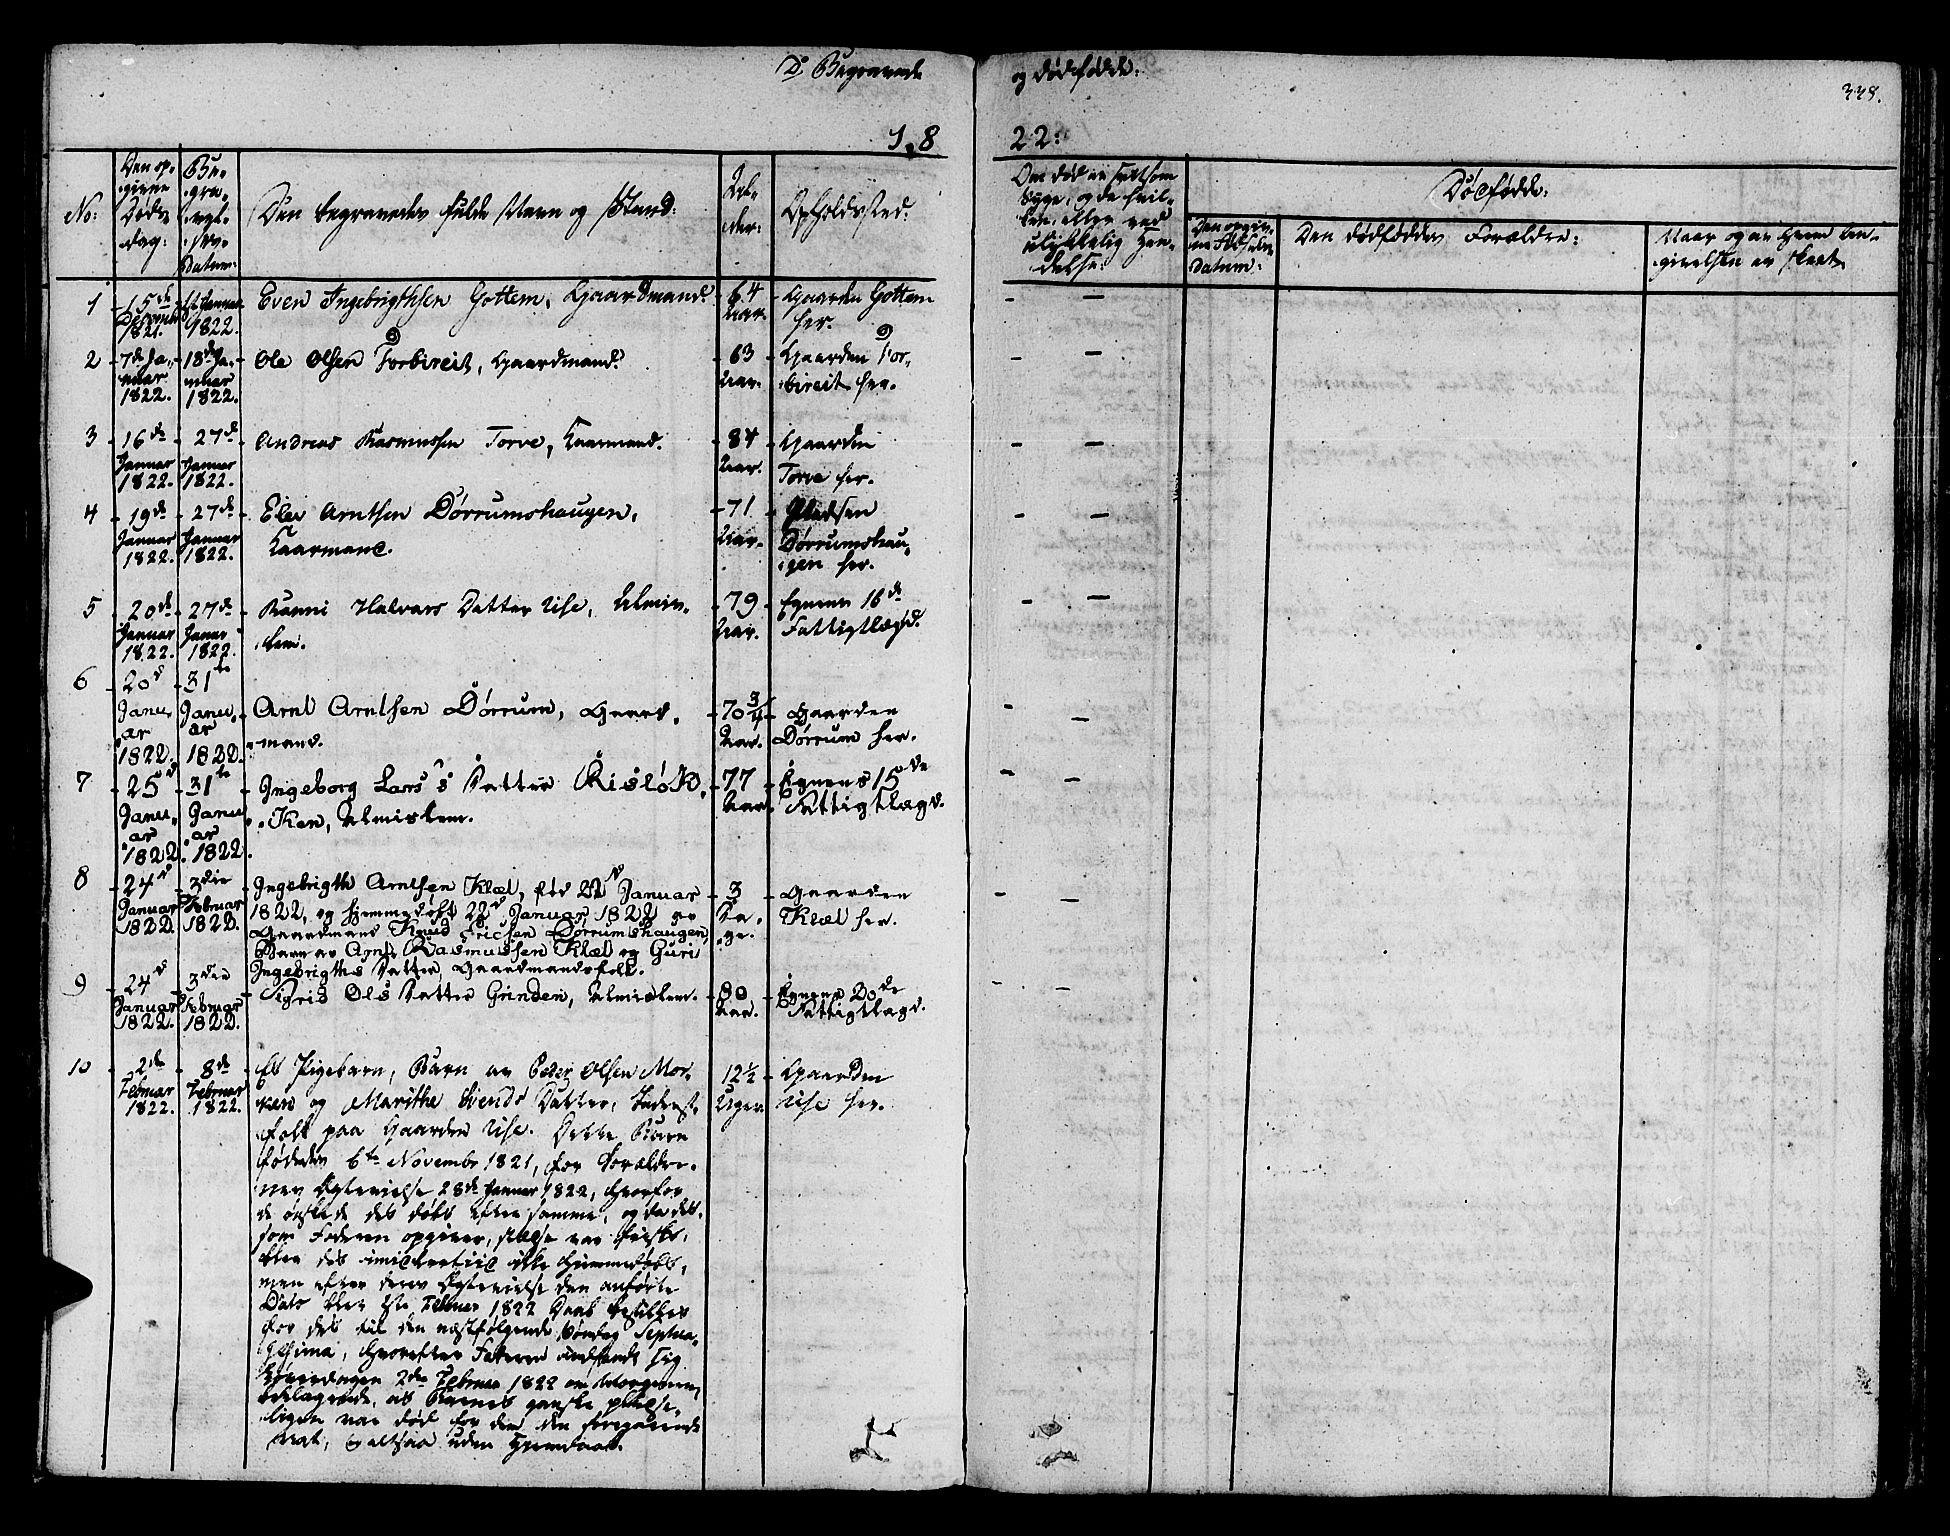 SAT, Ministerialprotokoller, klokkerbøker og fødselsregistre - Sør-Trøndelag, 678/L0897: Ministerialbok nr. 678A06-07, 1821-1847, s. 338